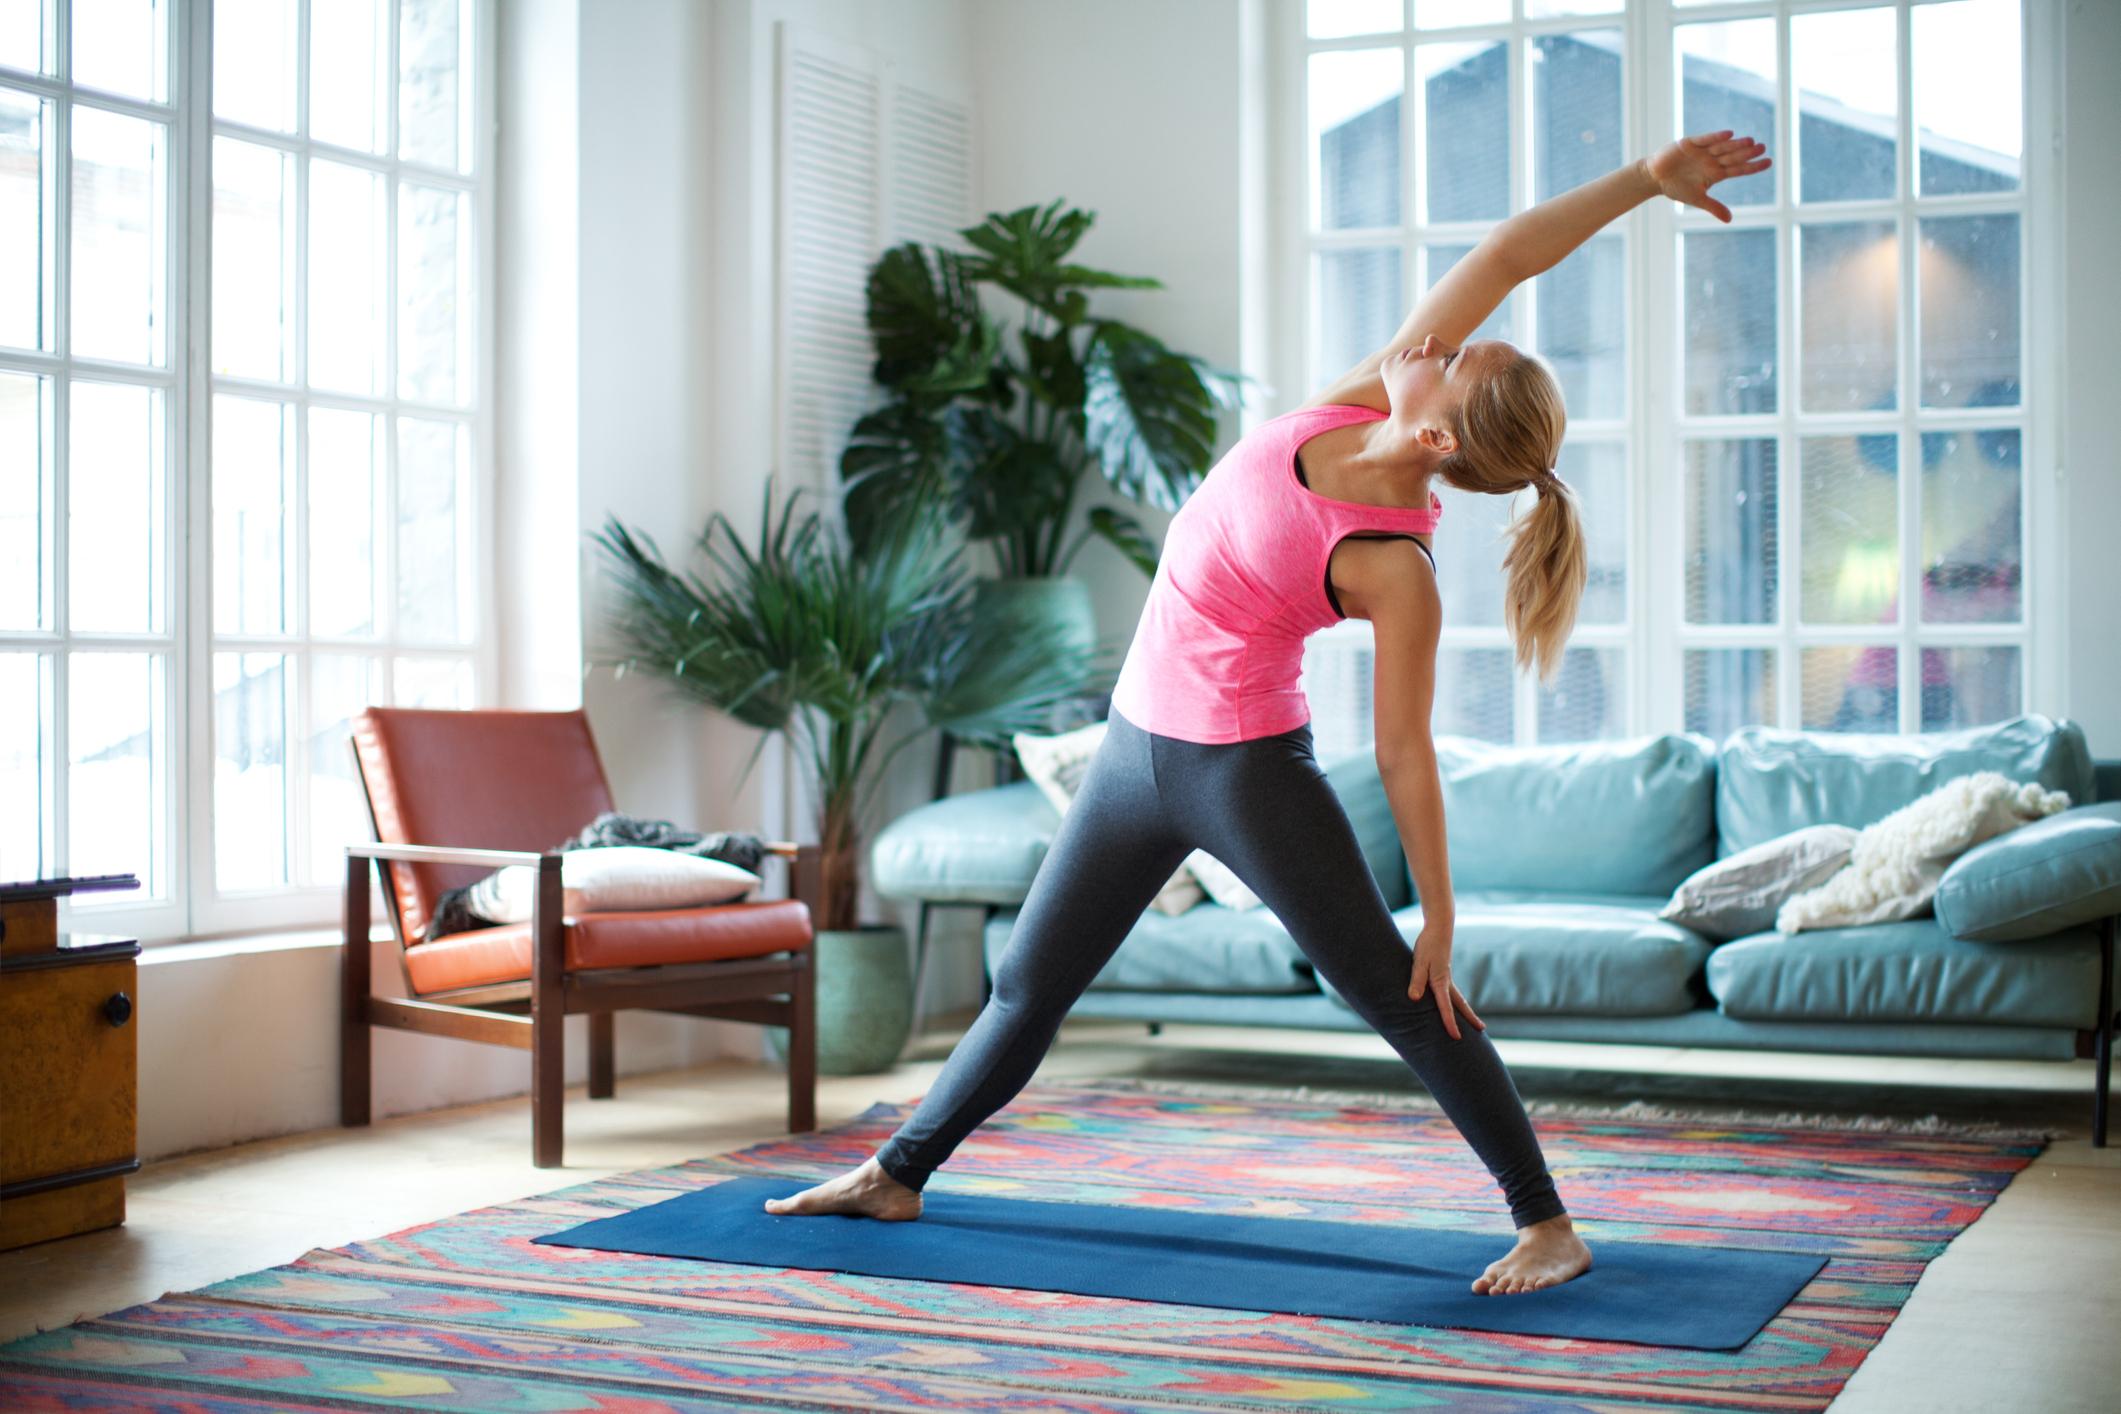 Las 19 mejores ideas para entrenar en casa | Fitness | Sportlife